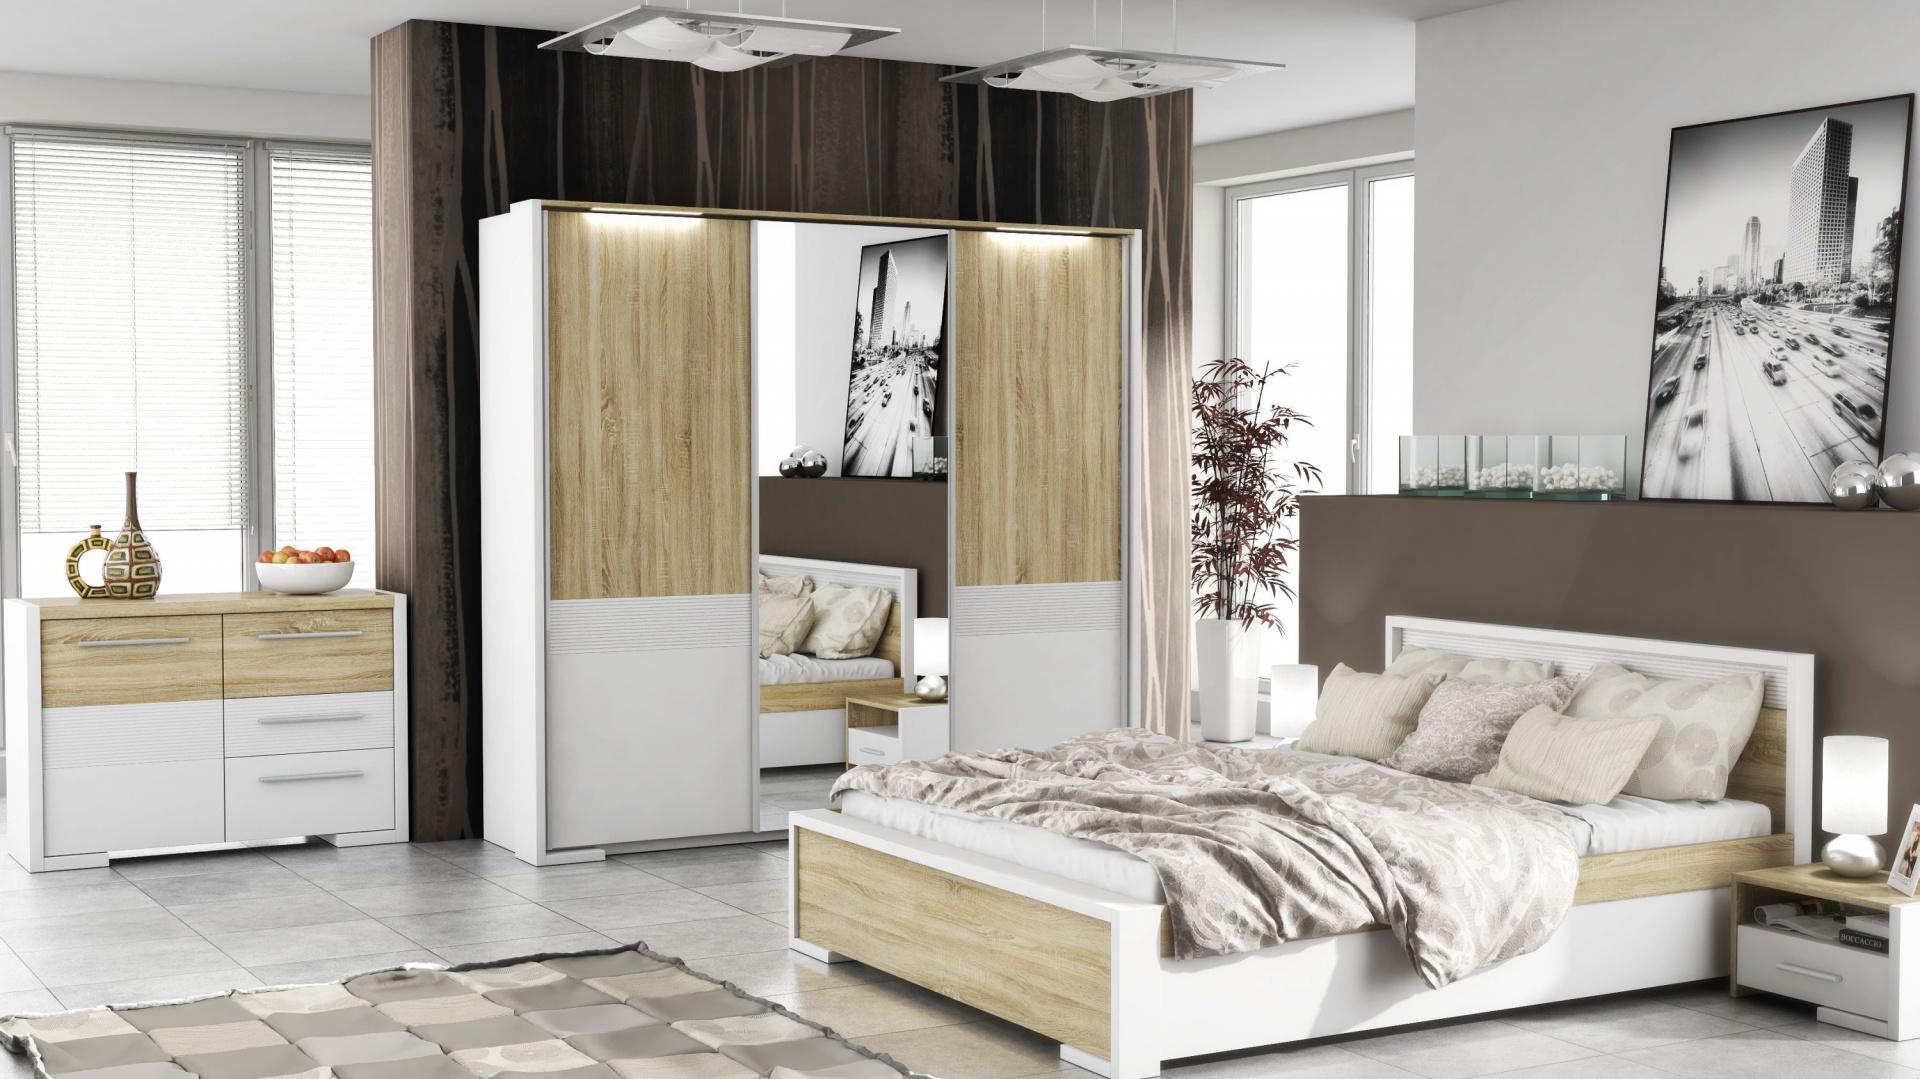 Pomysł Na Sypialnię Białe Meble Ocieplone Drewnem